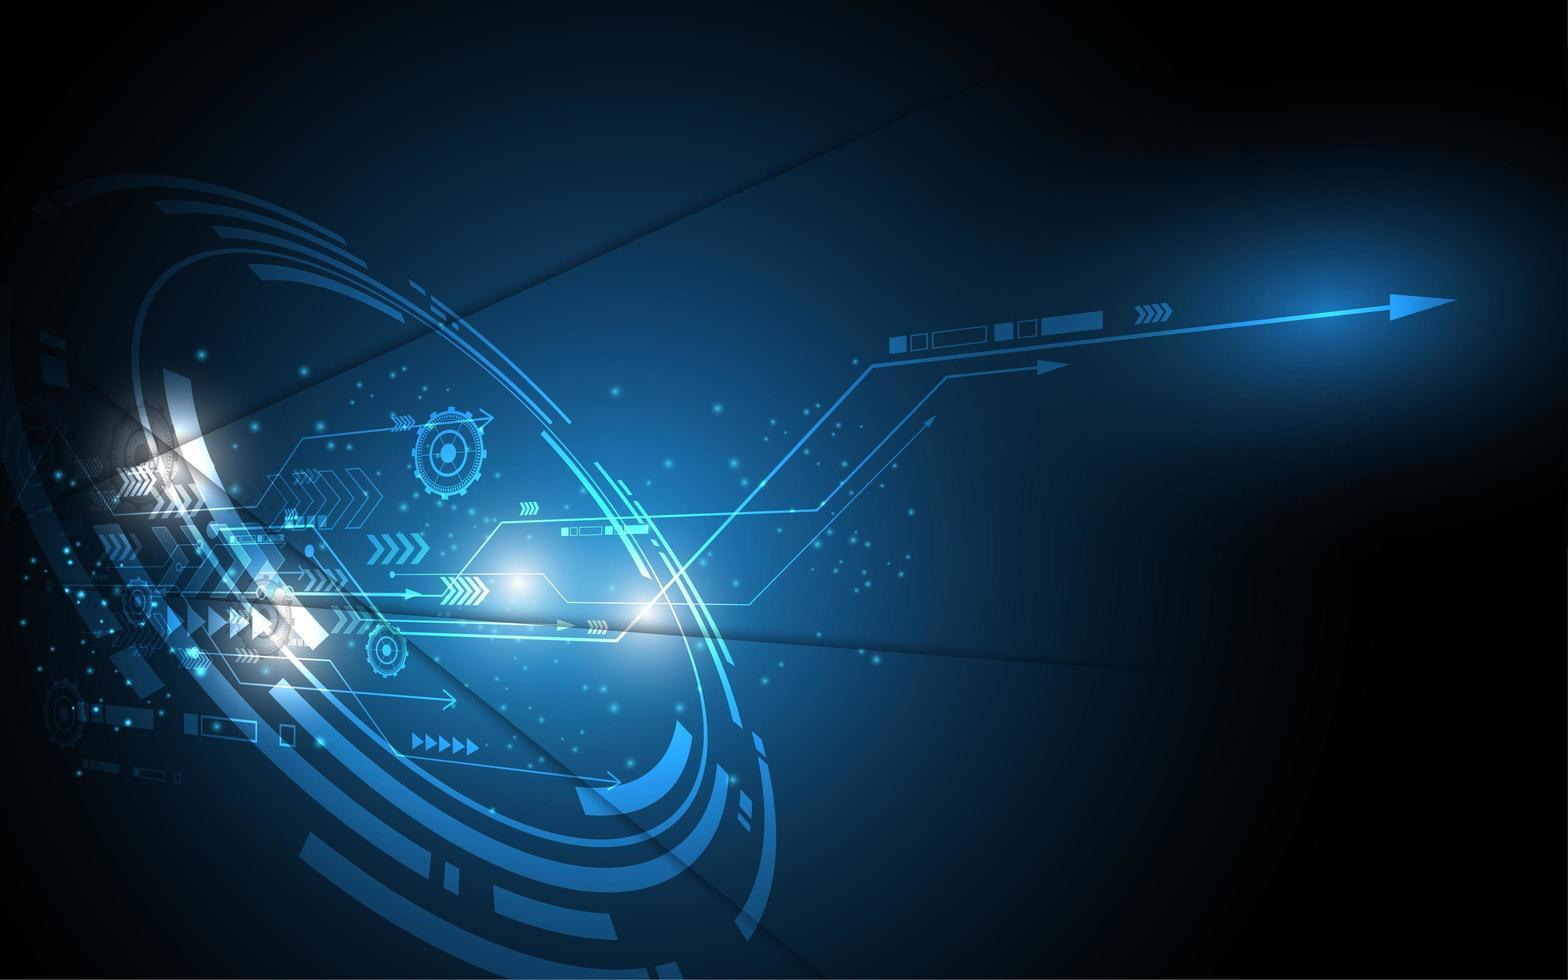 mörk högteknologisk blå glödande teknologidesign vektor